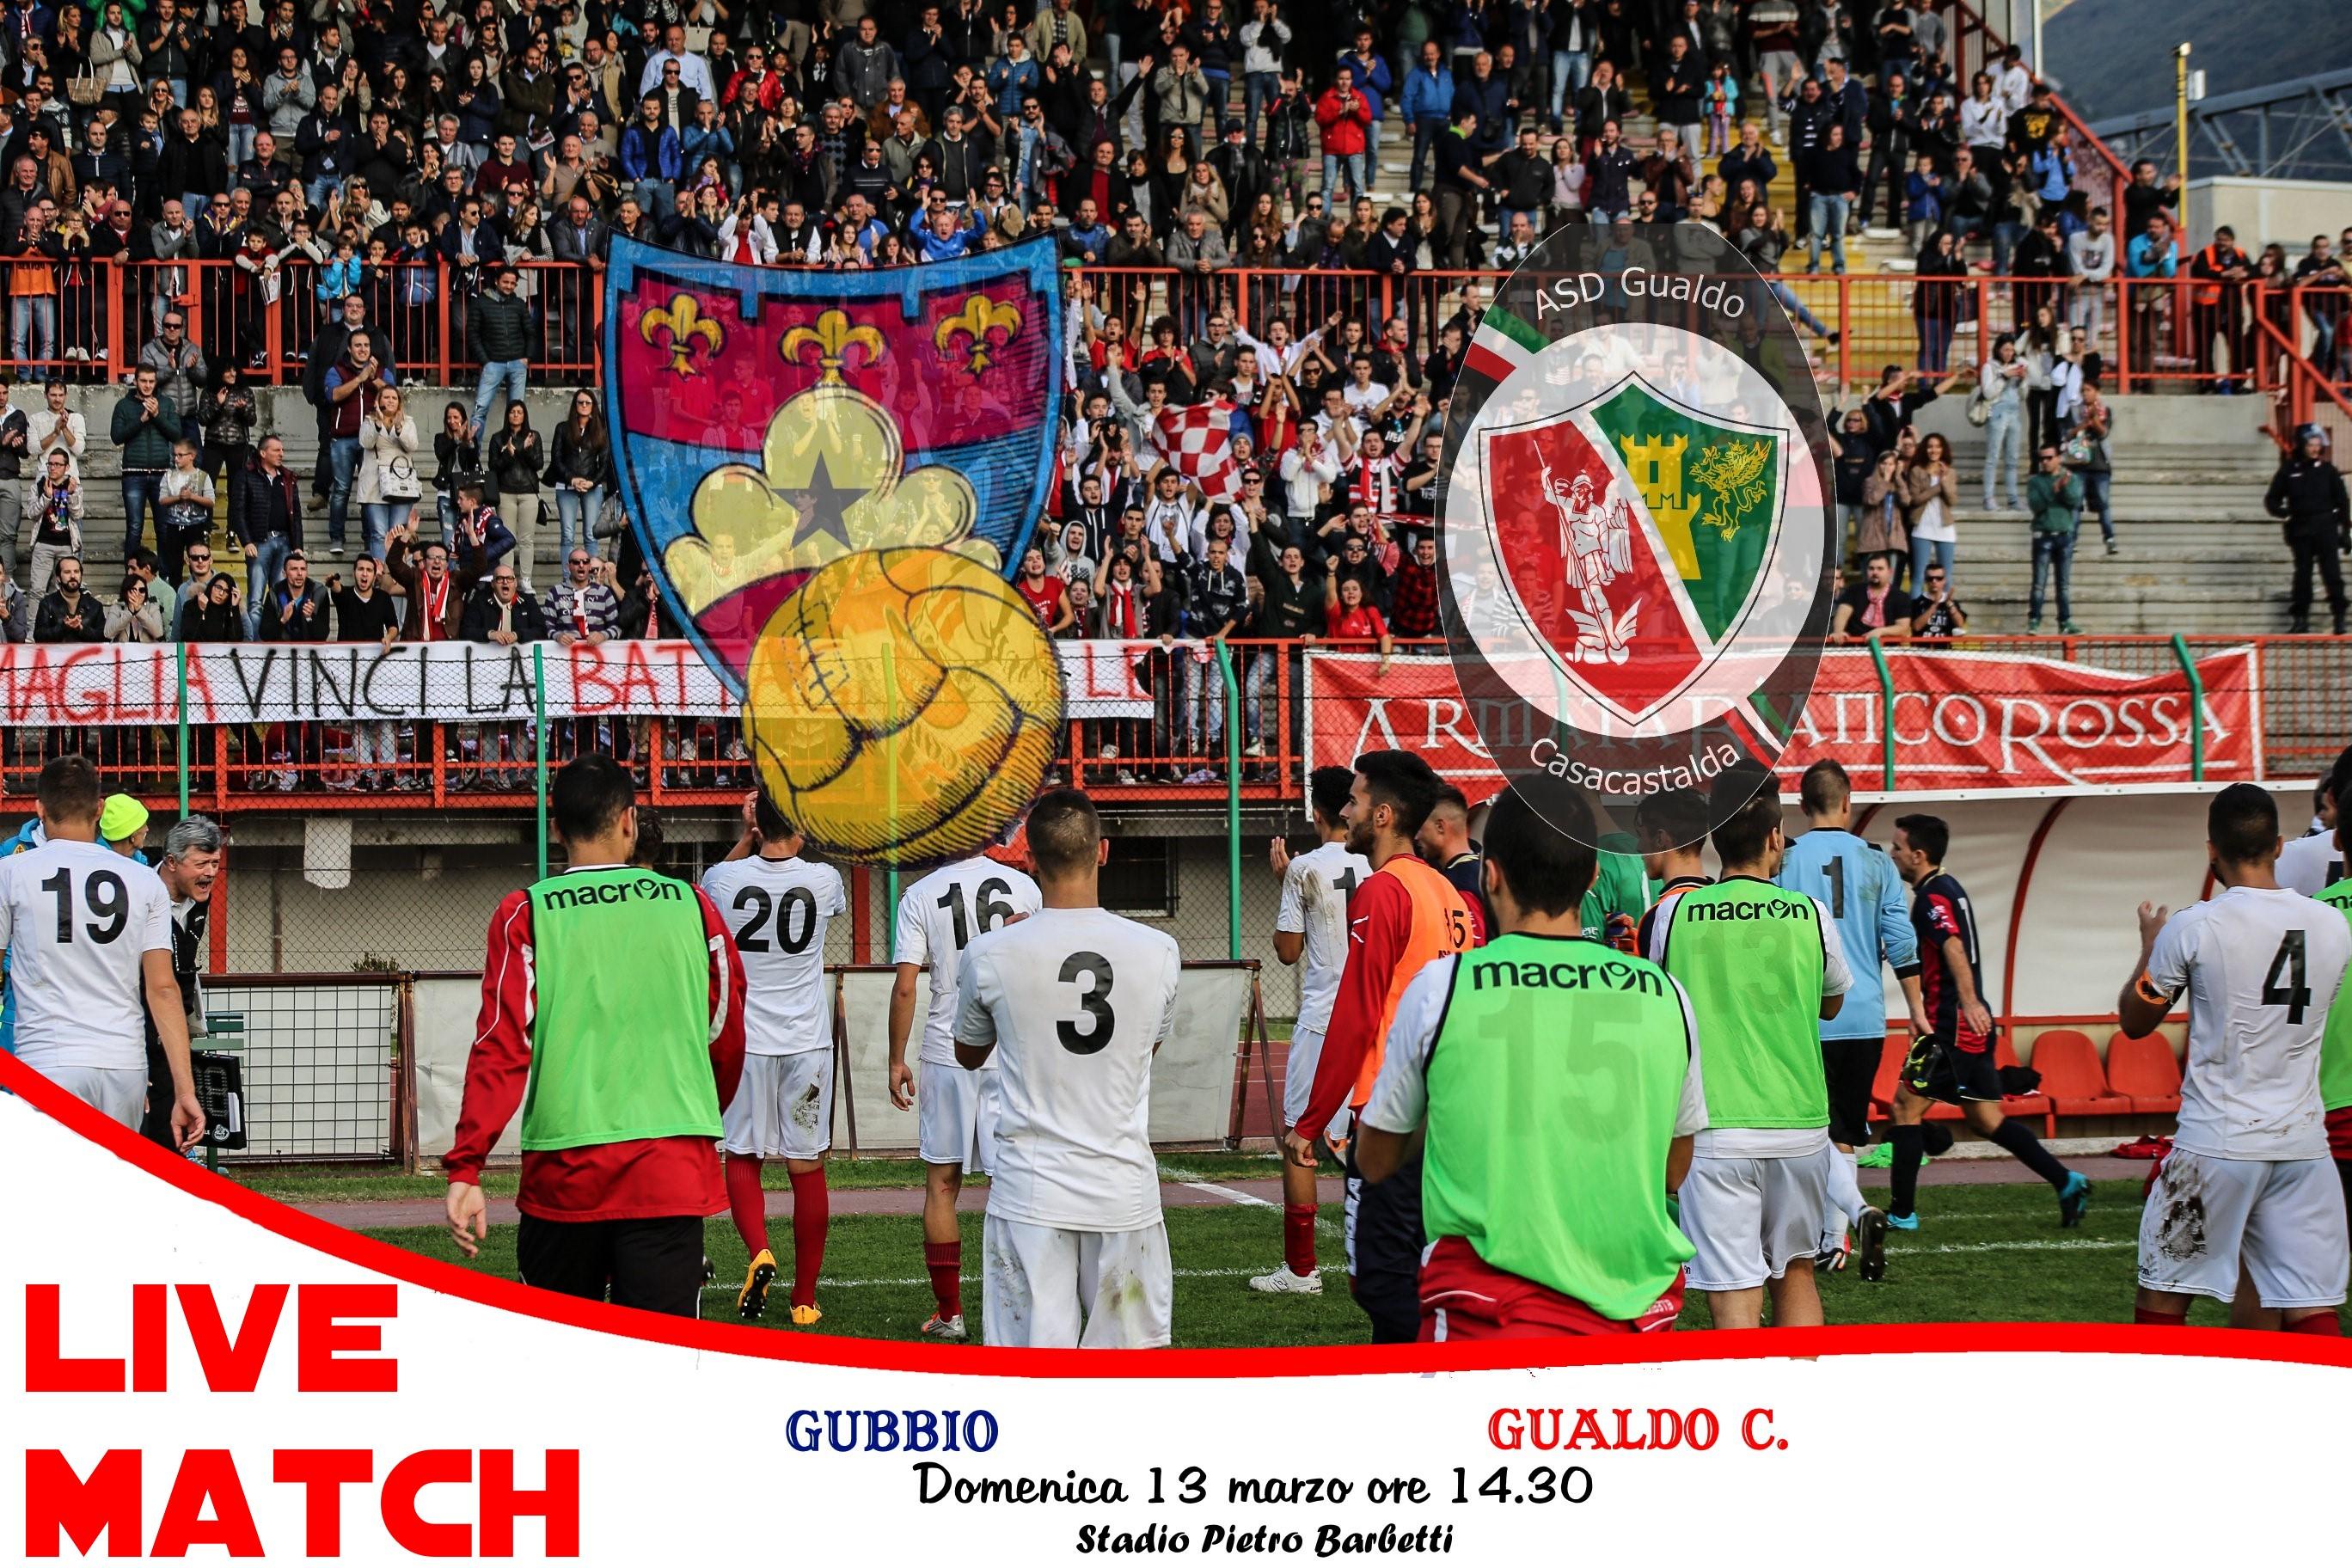 live match gubbio gualdo casacastalda